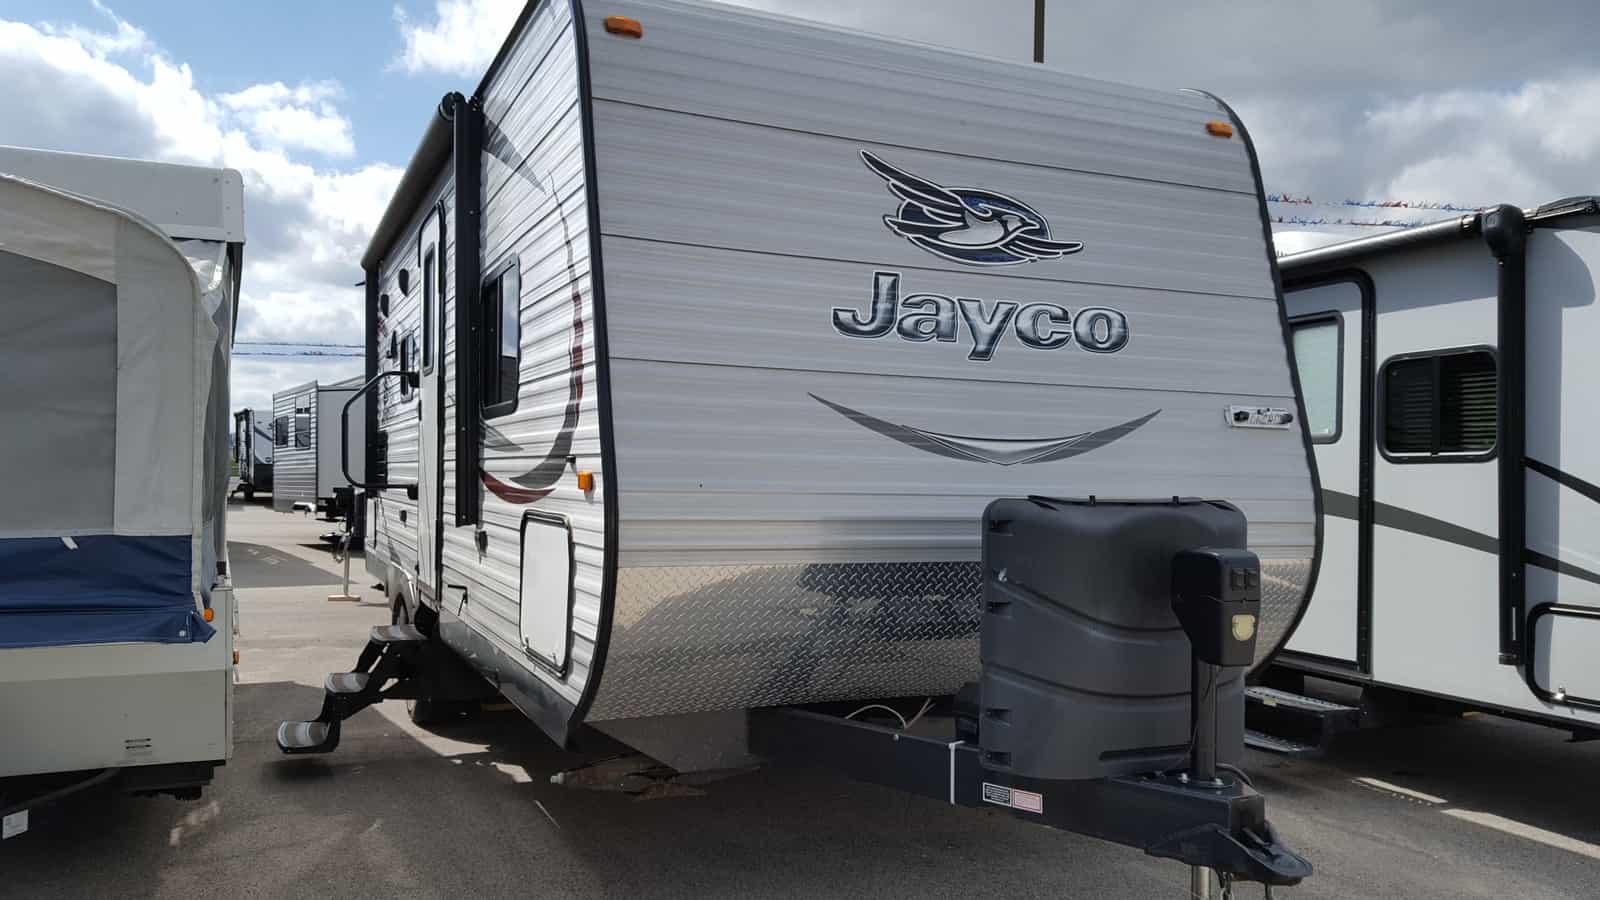 USED 2015 Jayco JAY FLIGHT 24FBS - American RV